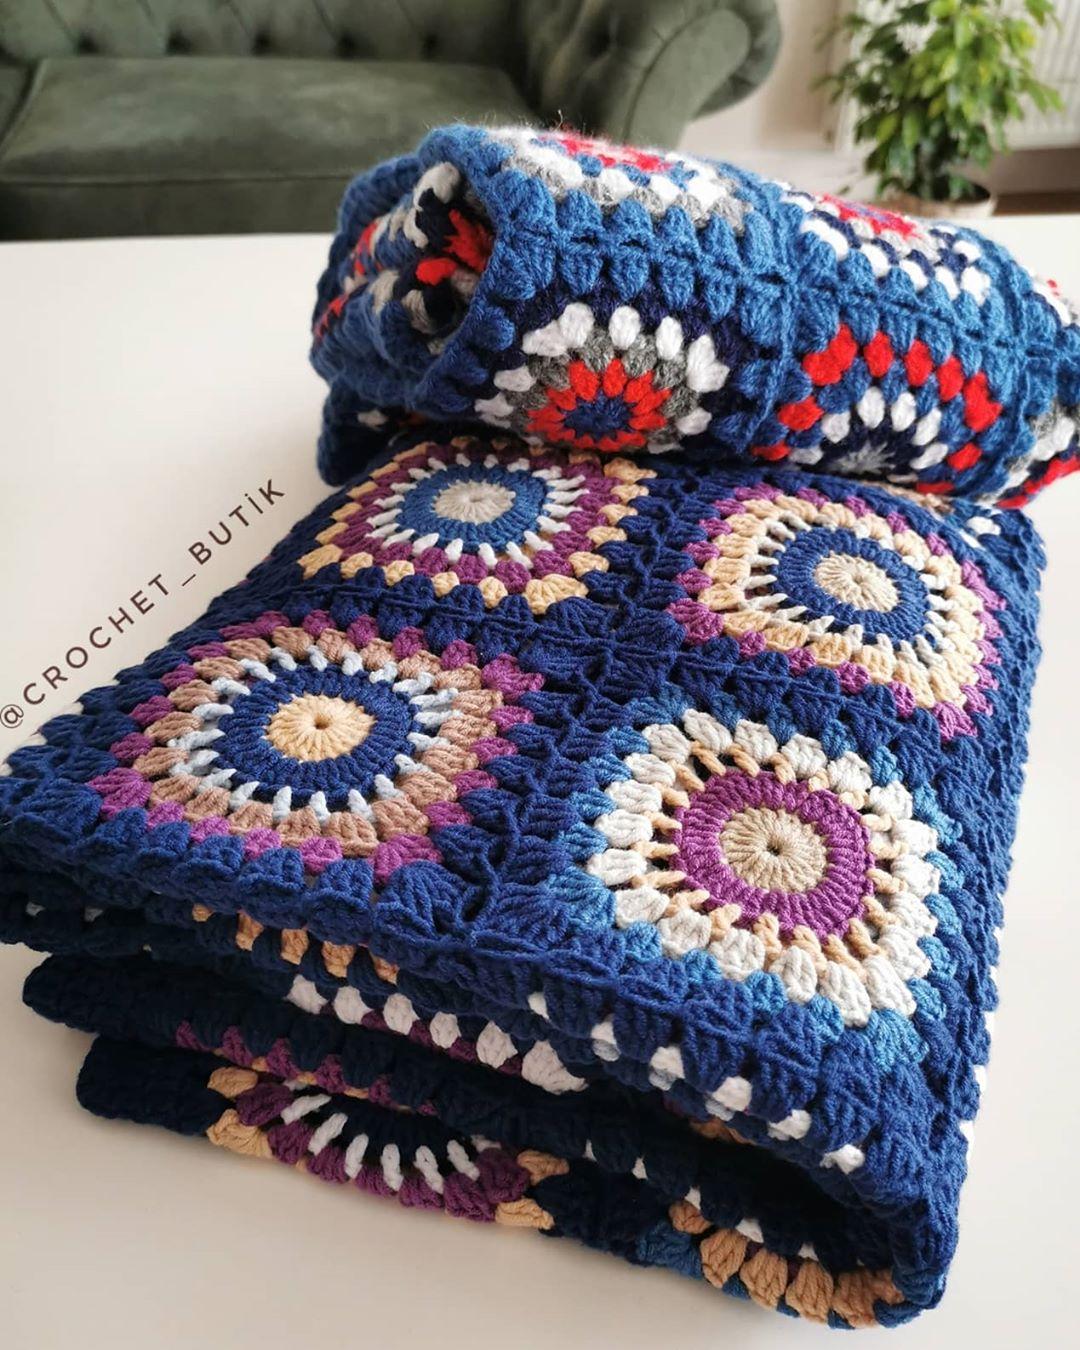 Örmekteen Kim Uusaanıırr 🎶 Örmeyee Doyu Crochetcardigan - Crochet Cardigan